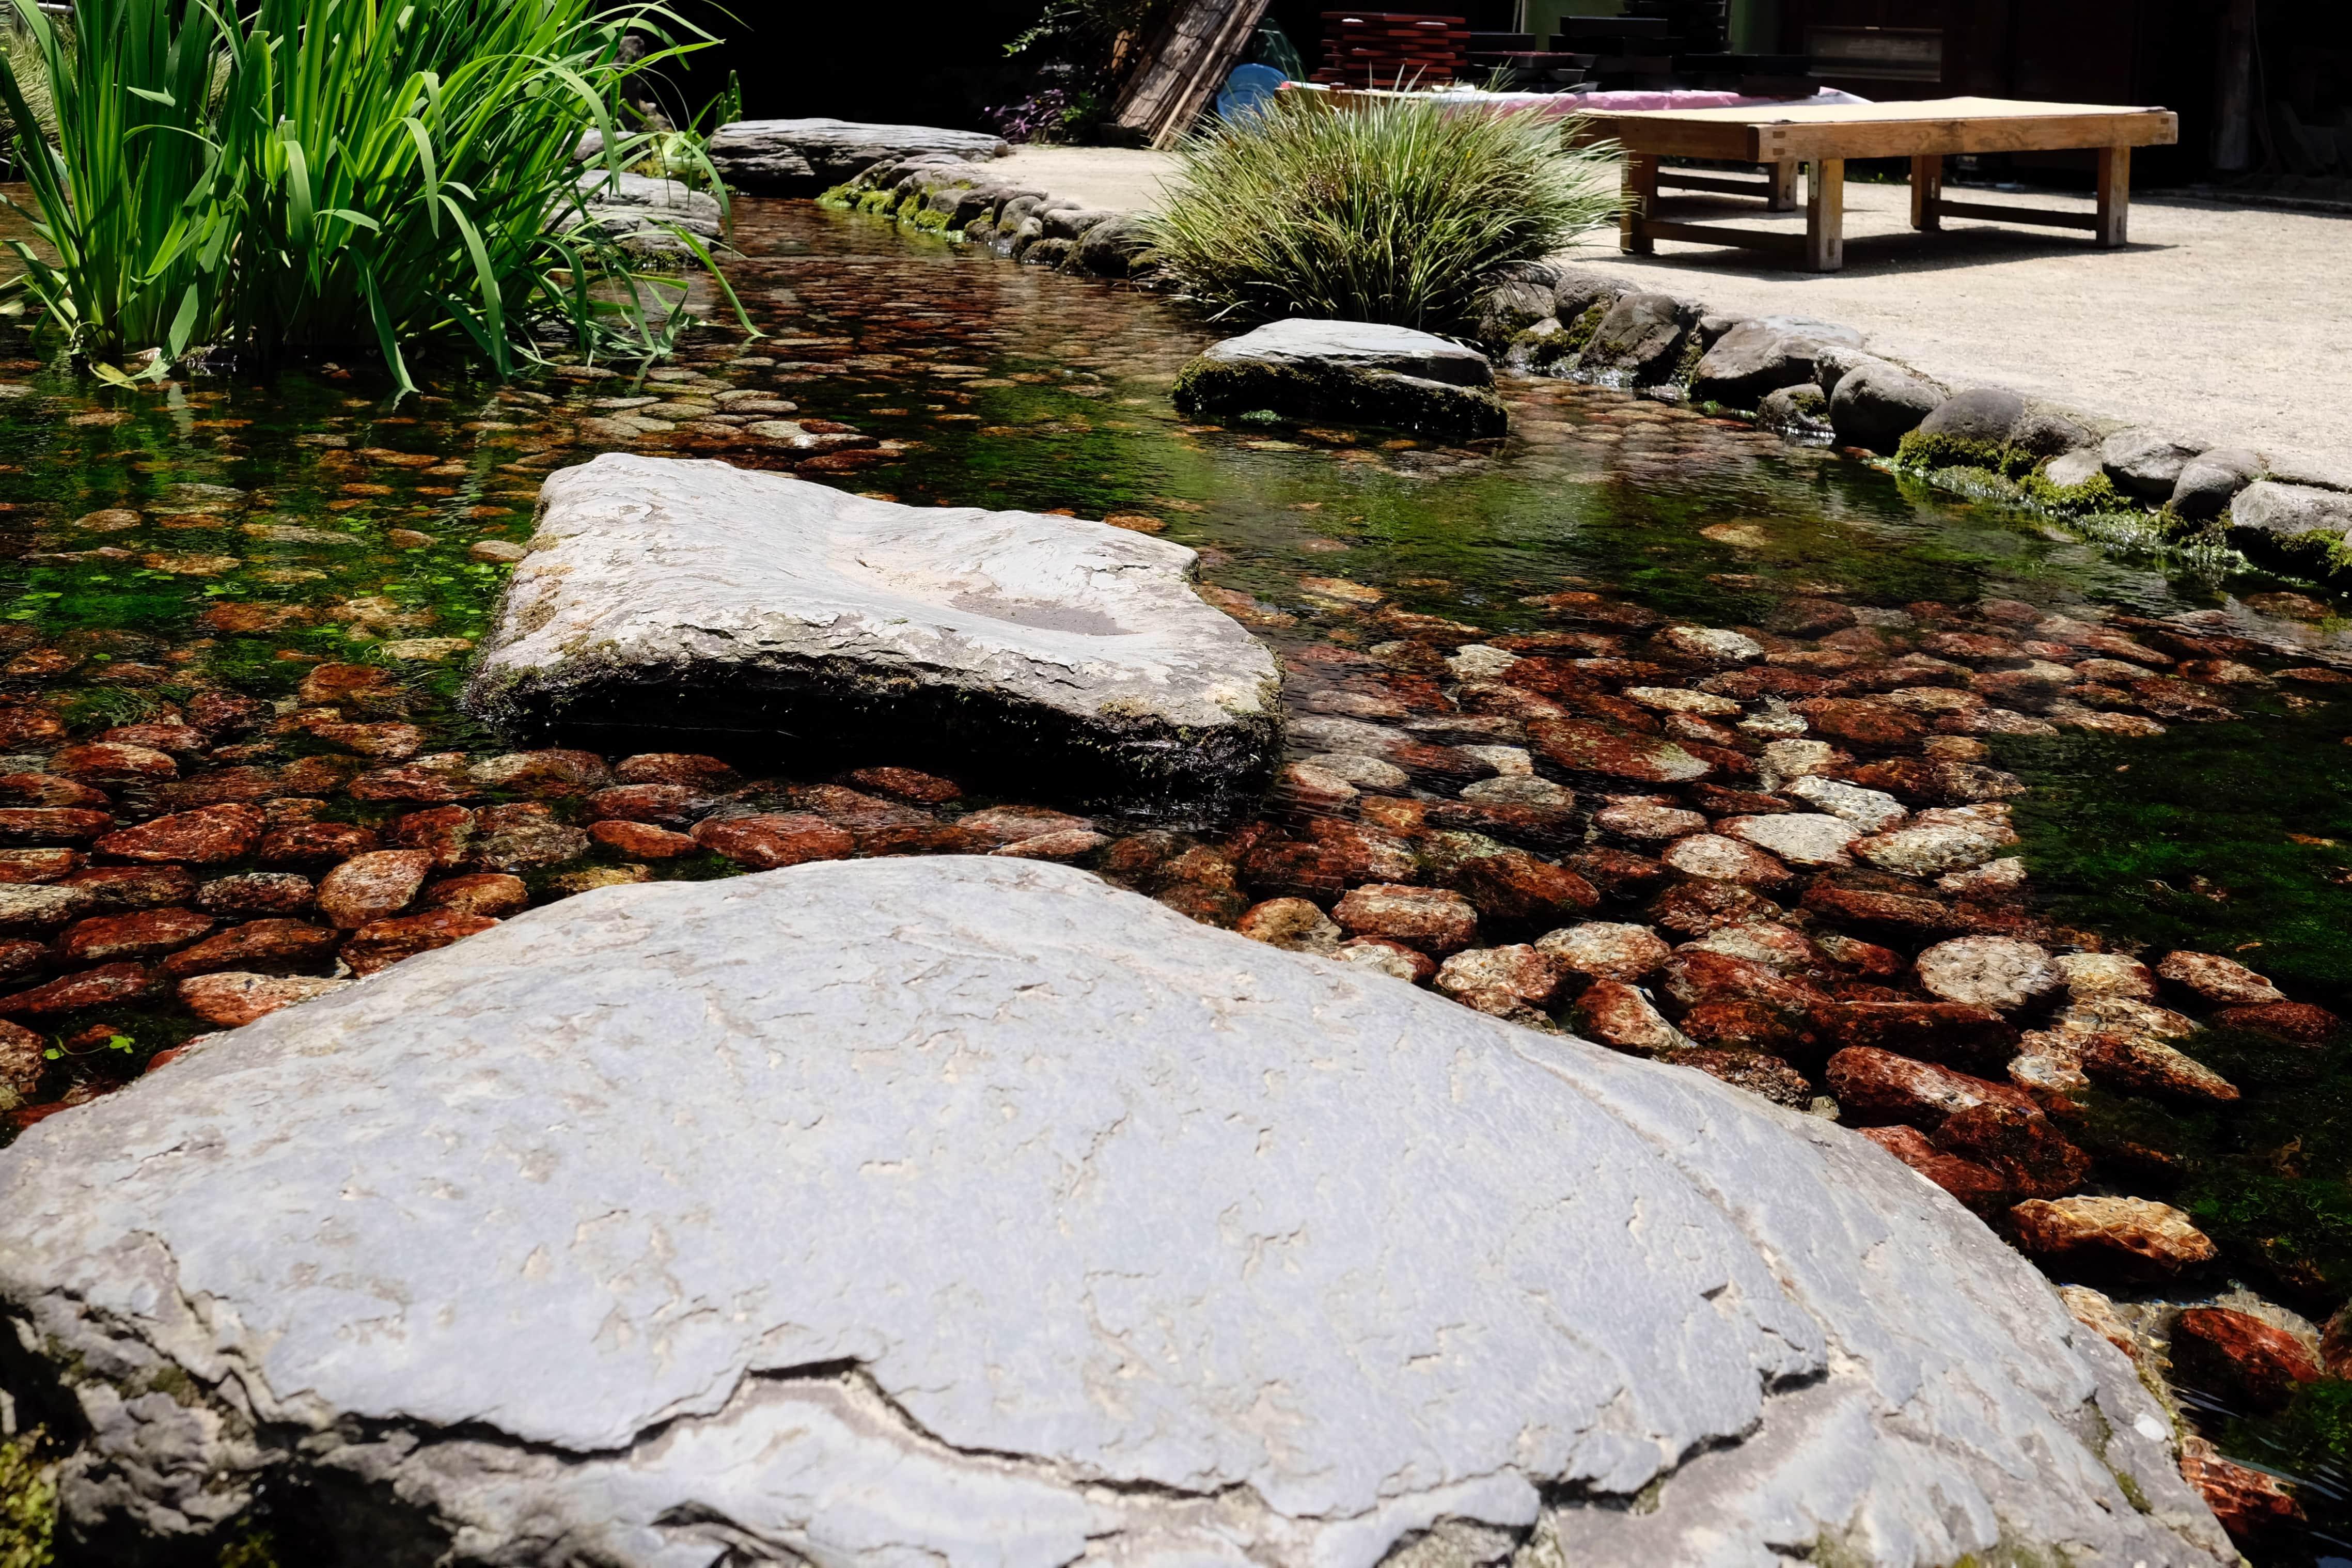 Fukiage-tei stepping stones